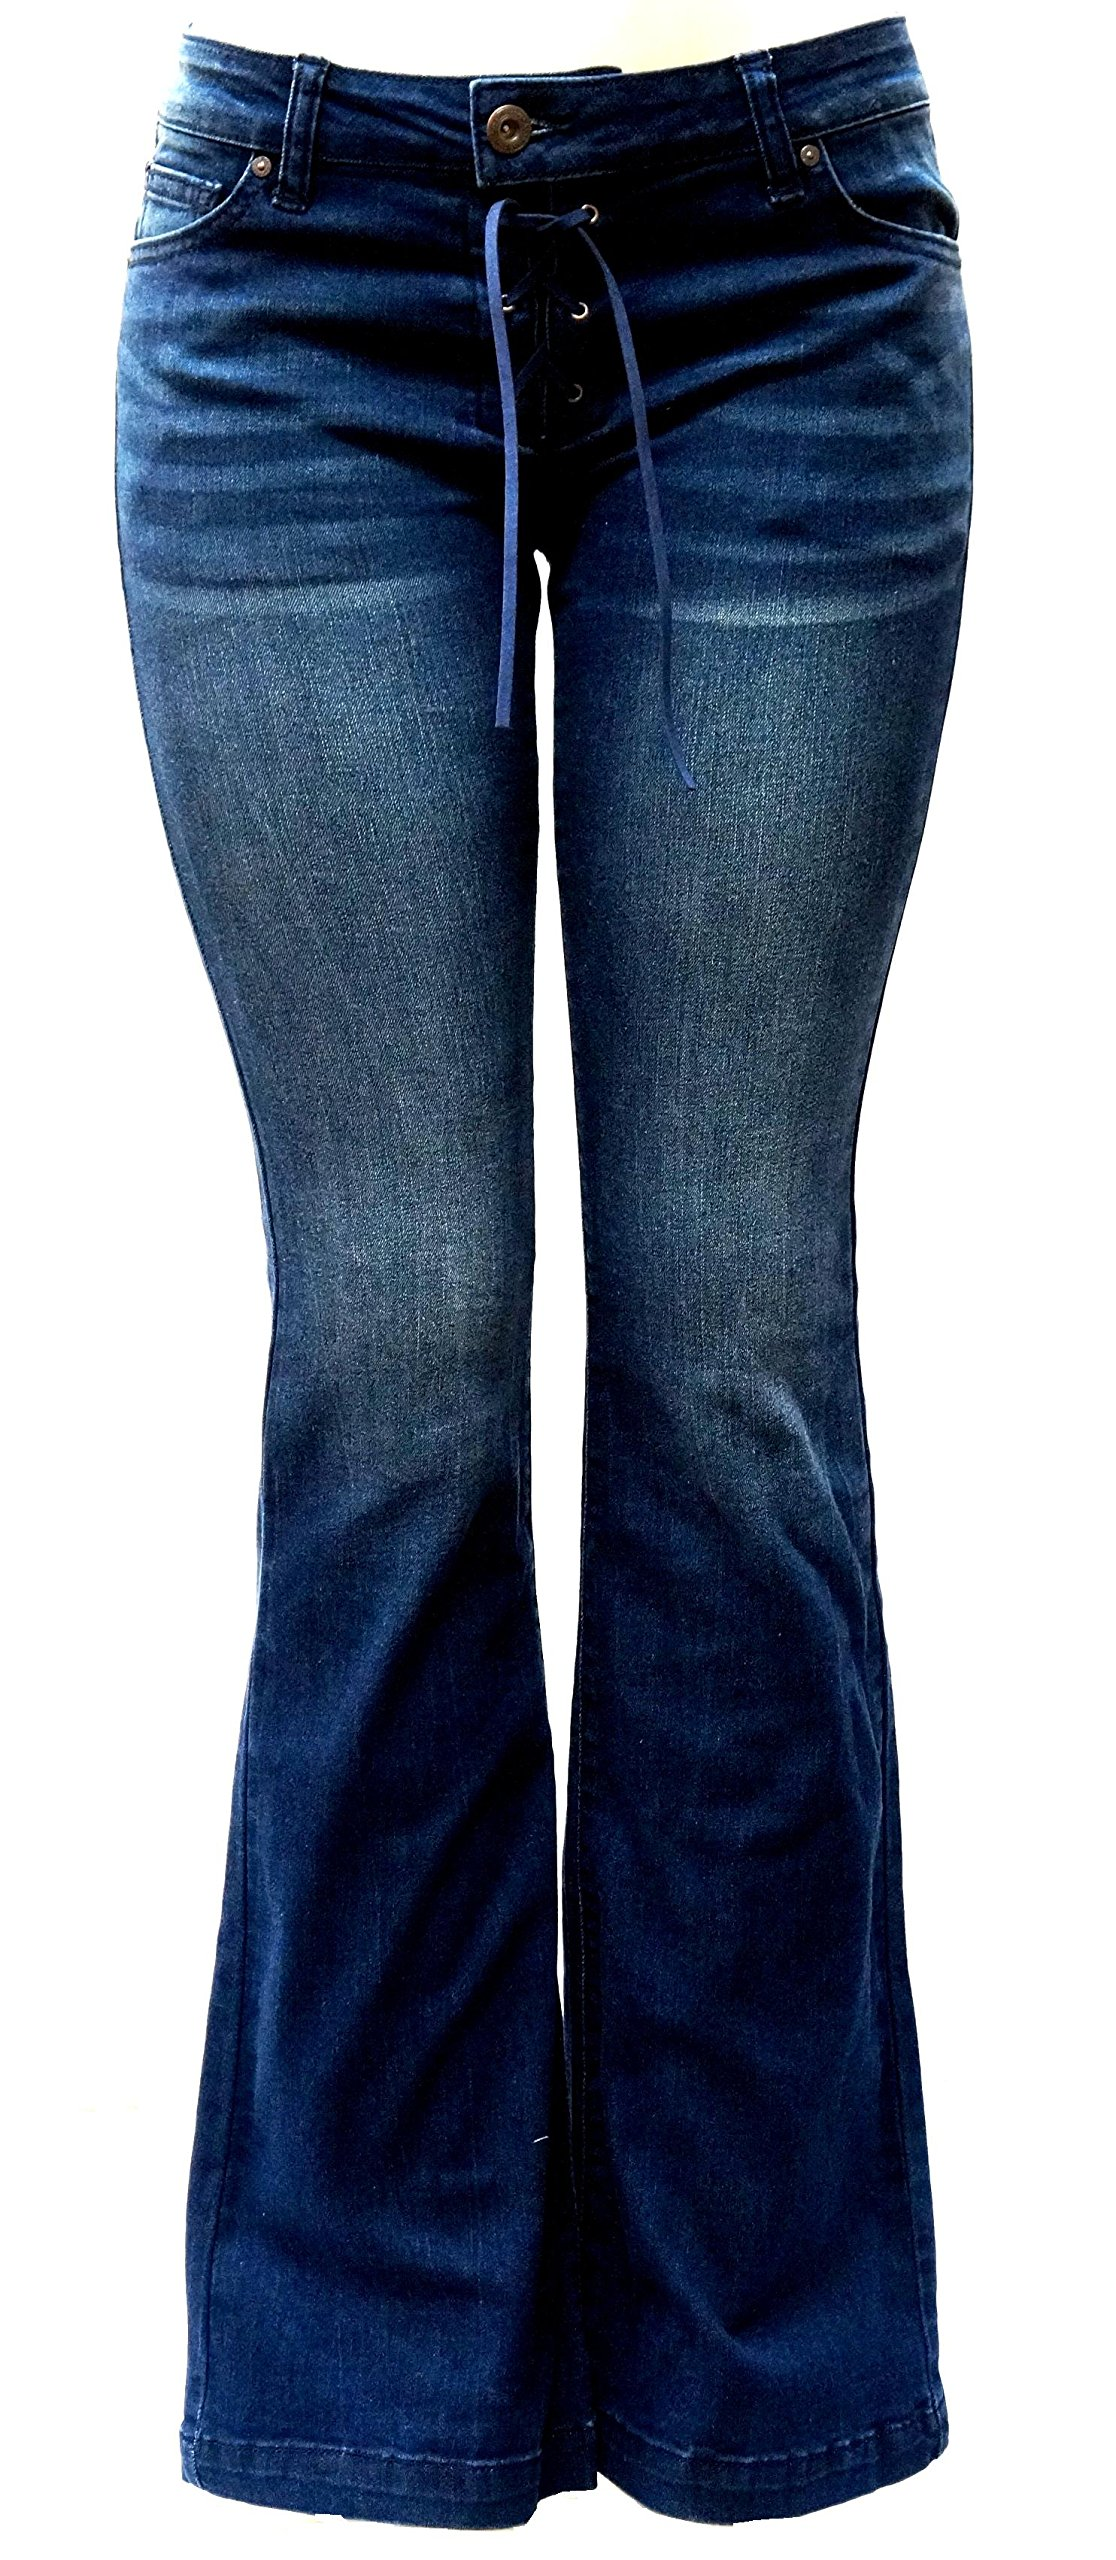 Wax Jack David Jeans Womens Juniors 70s Trendy Slim Fit